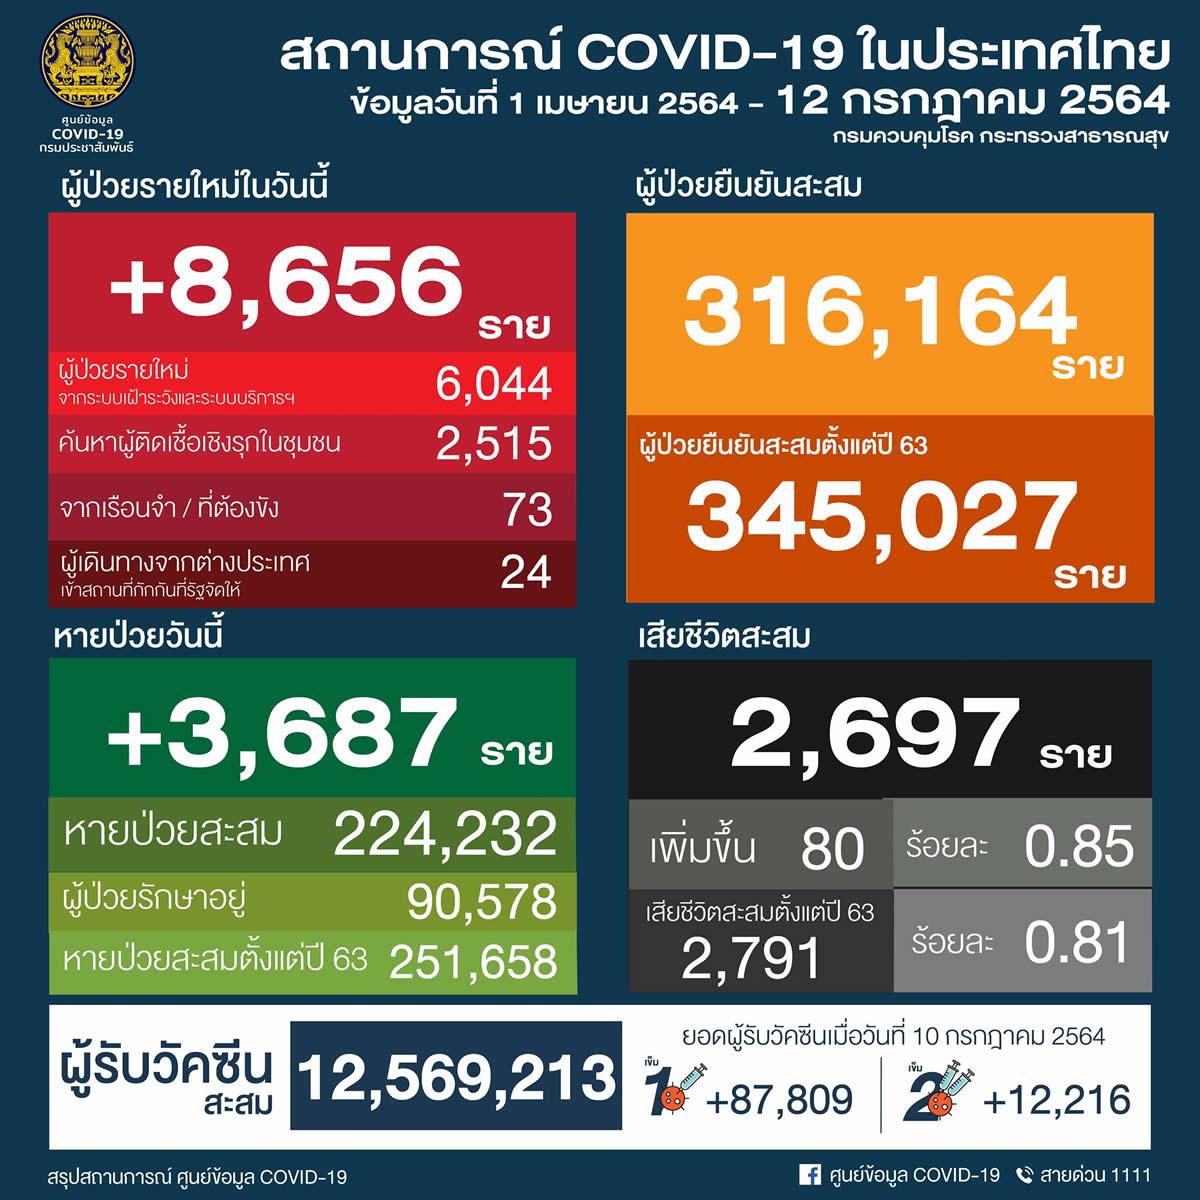 タイ 陽性8,656人/バンコク2,399人/プーケット2人/スラタニ27人 [2021年7月12日発表]